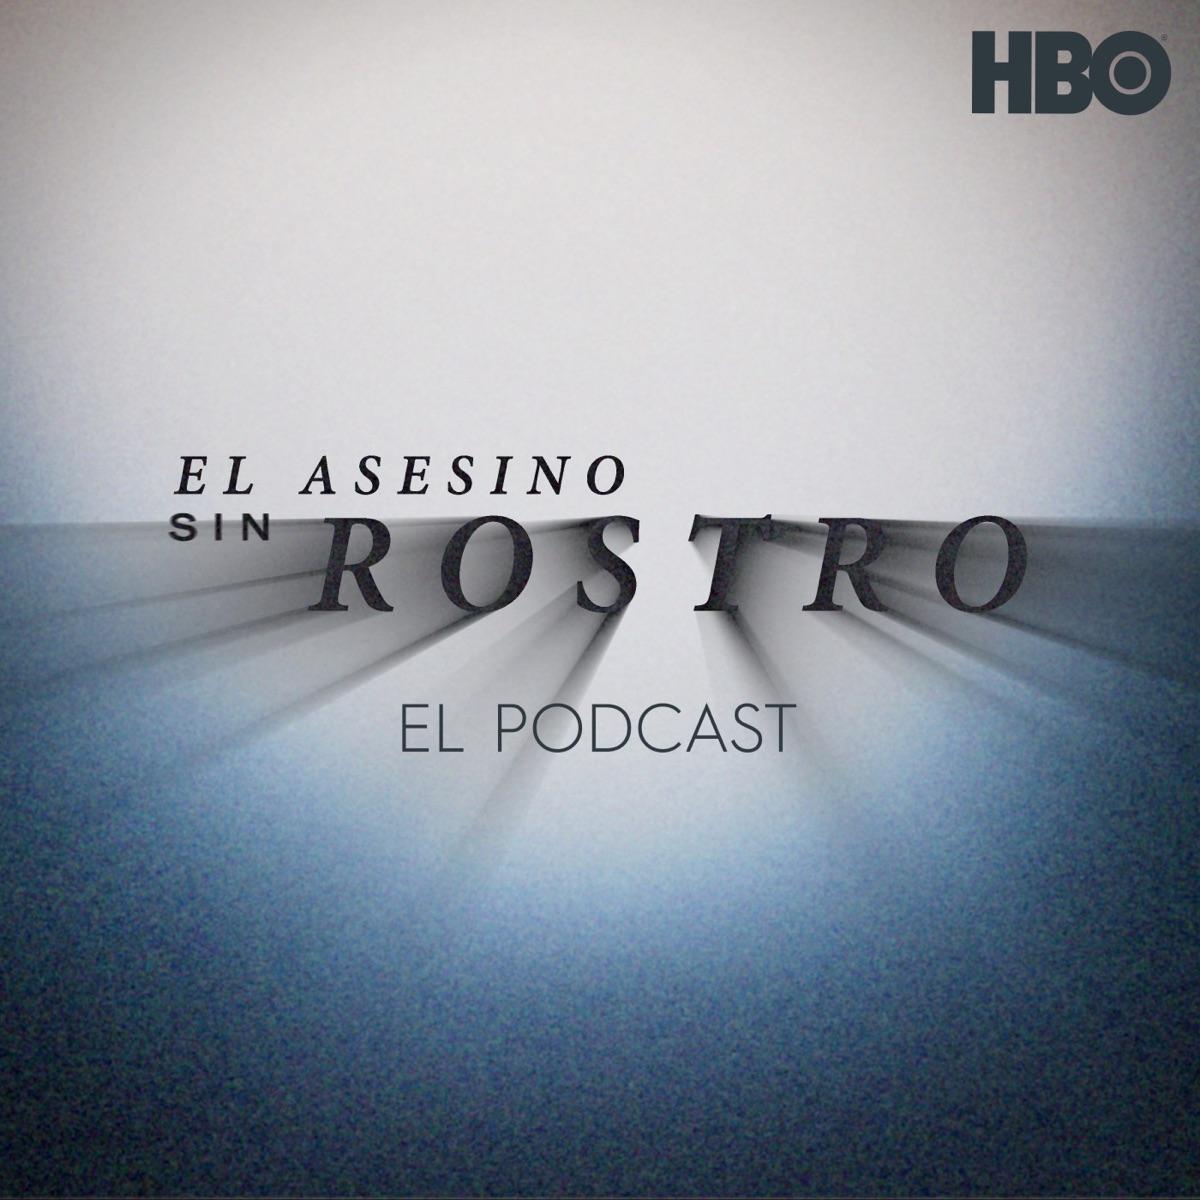 El Asesino Sin Rostro: El Podcast